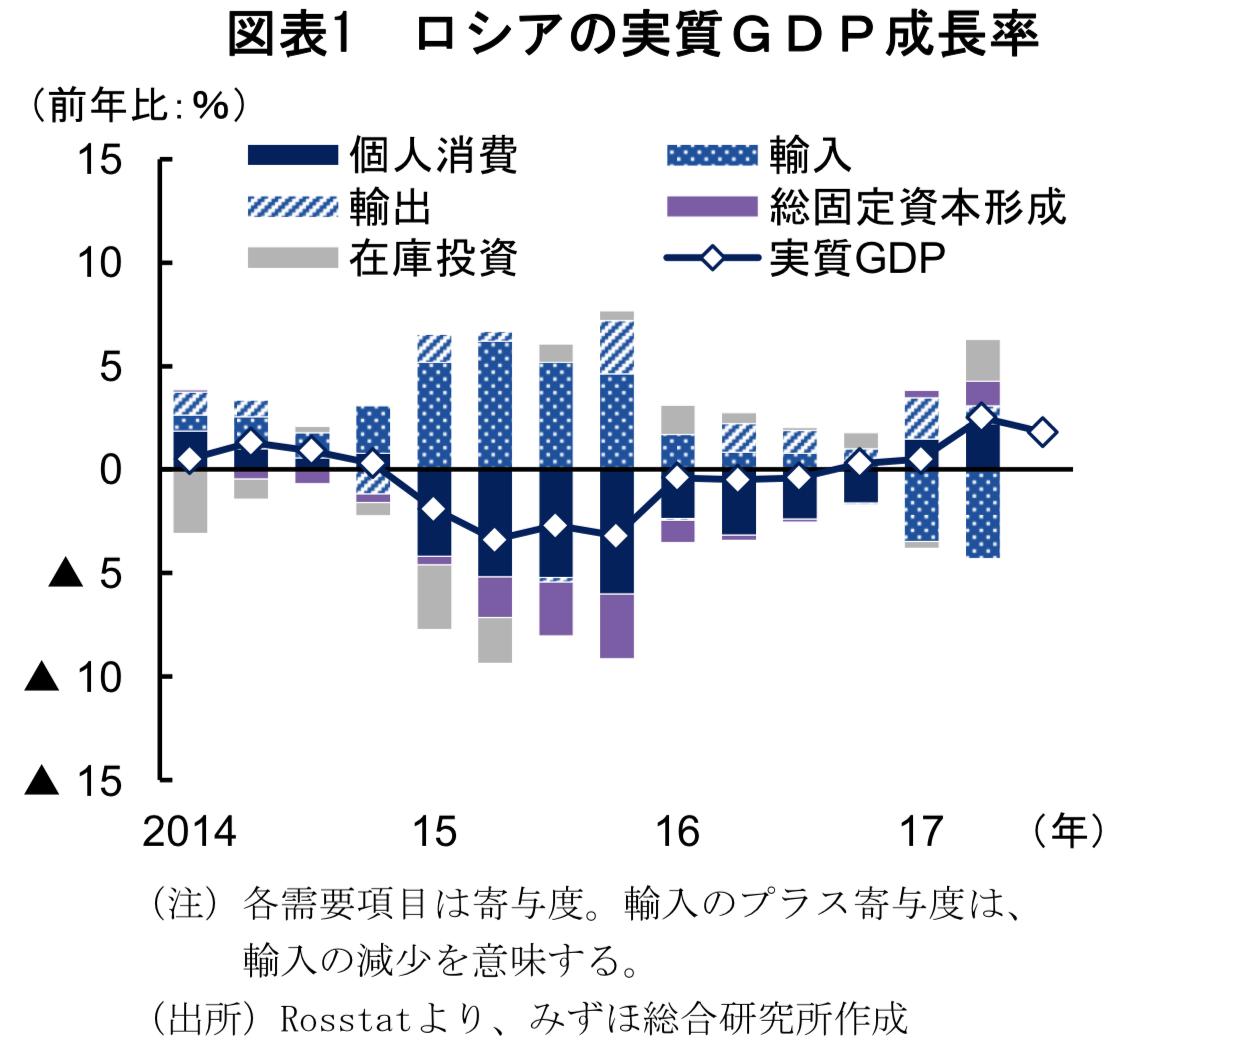 ロシアの経済成長率の構成要素別寄与度